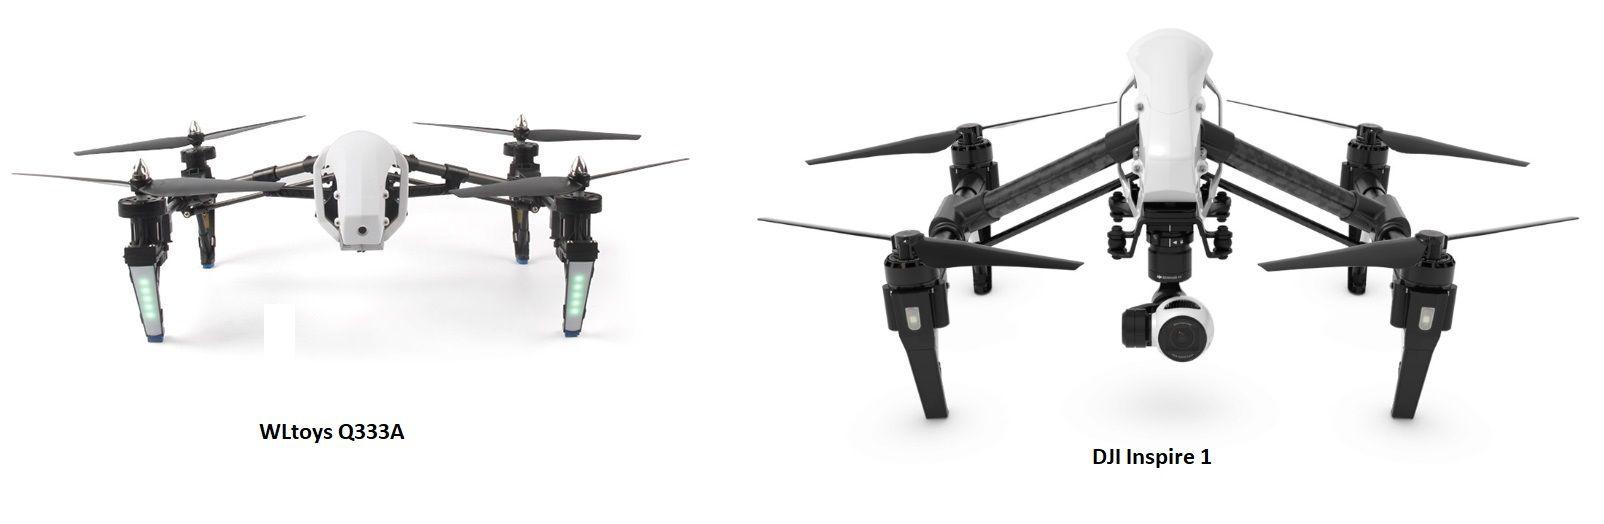 flycam WLtoys Q333A và DJI Inspire 1